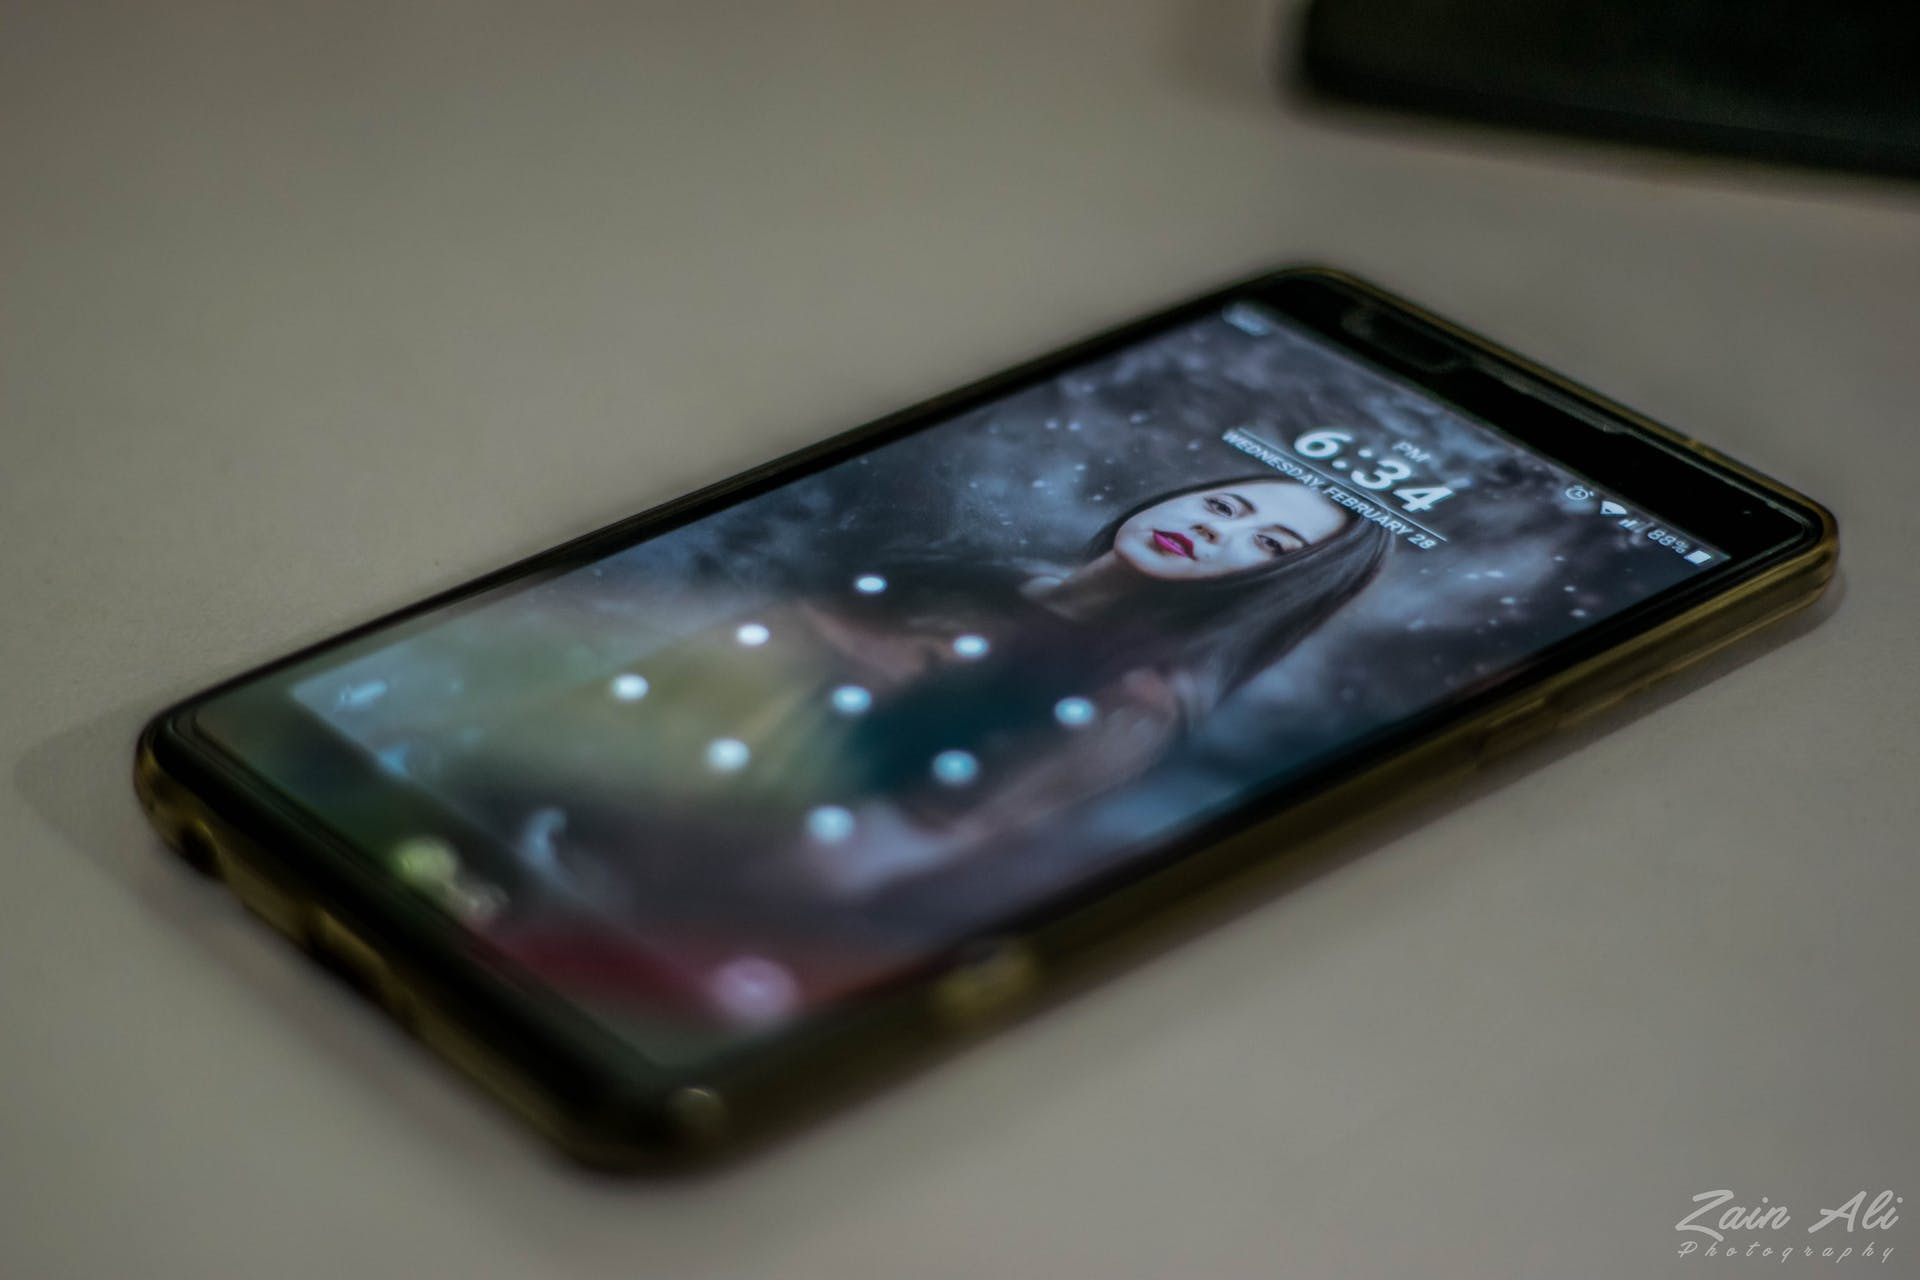 model bokehlicious girl phone dslr best cool wallpaper